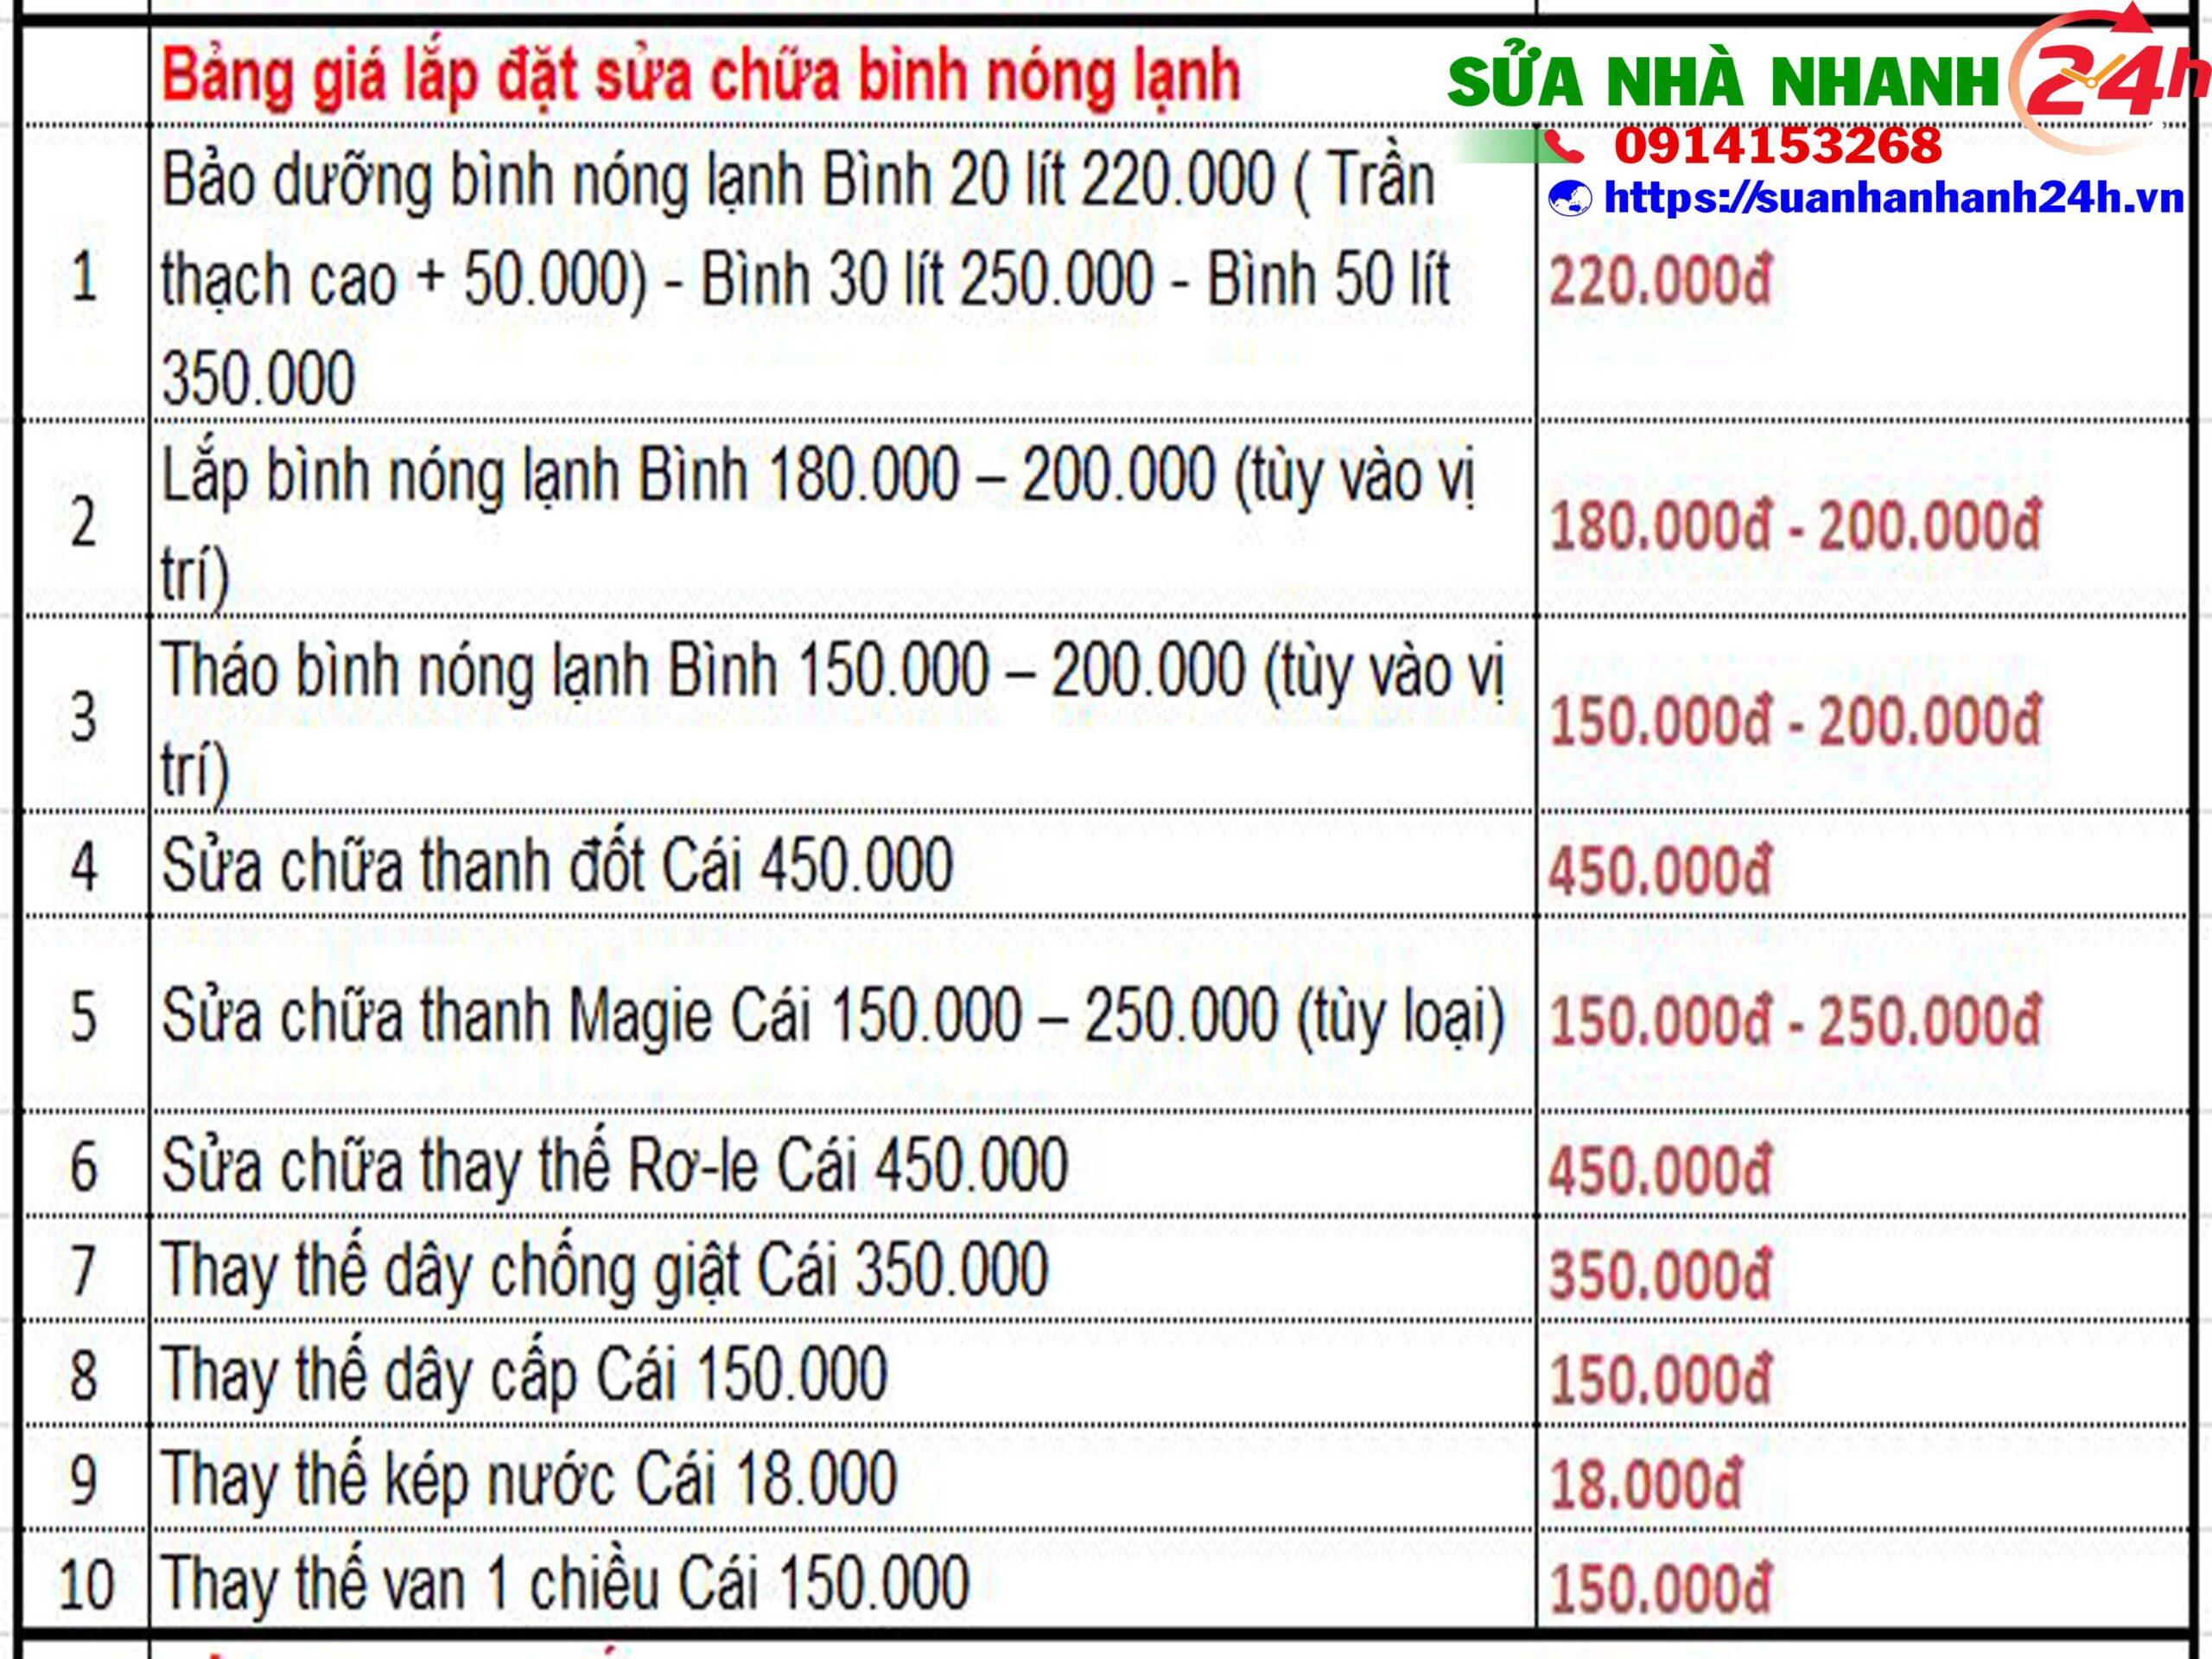 Báo giá dịch vụ sửa chữa điện nước giá rẻ tại TPHCM